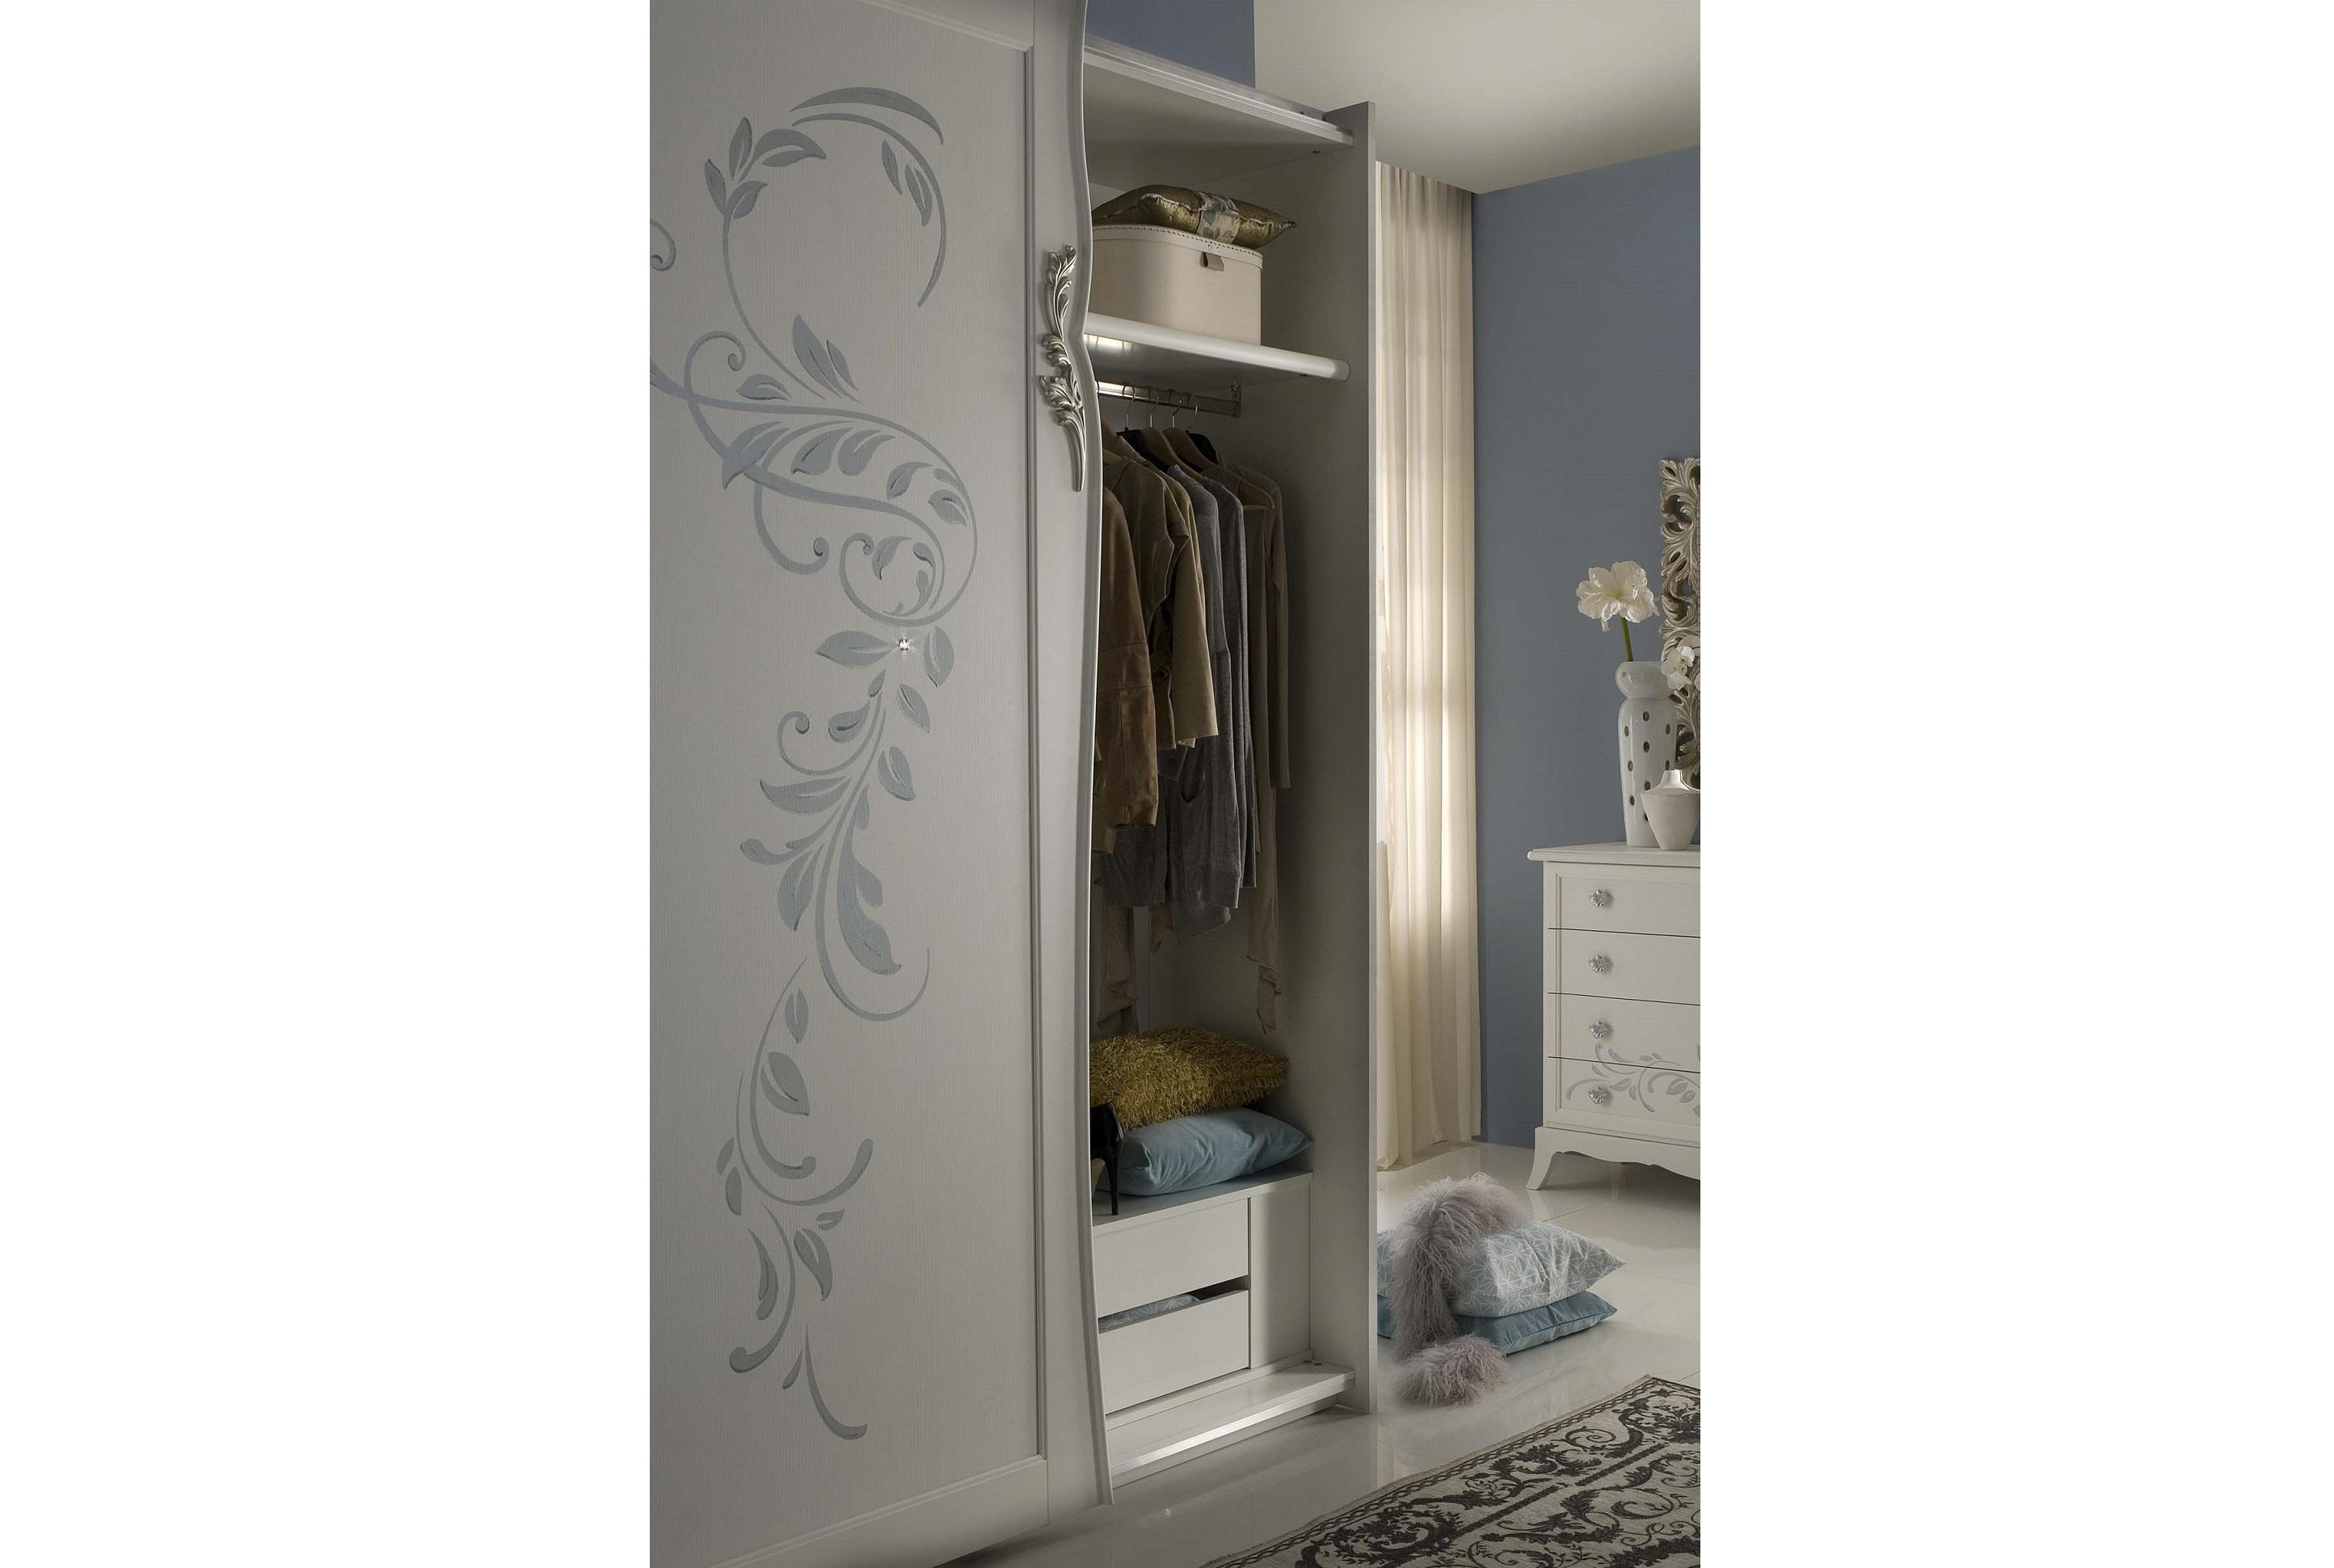 bett cilla 180x200cm weiss creme mit bettkasten stauraum. Black Bedroom Furniture Sets. Home Design Ideas